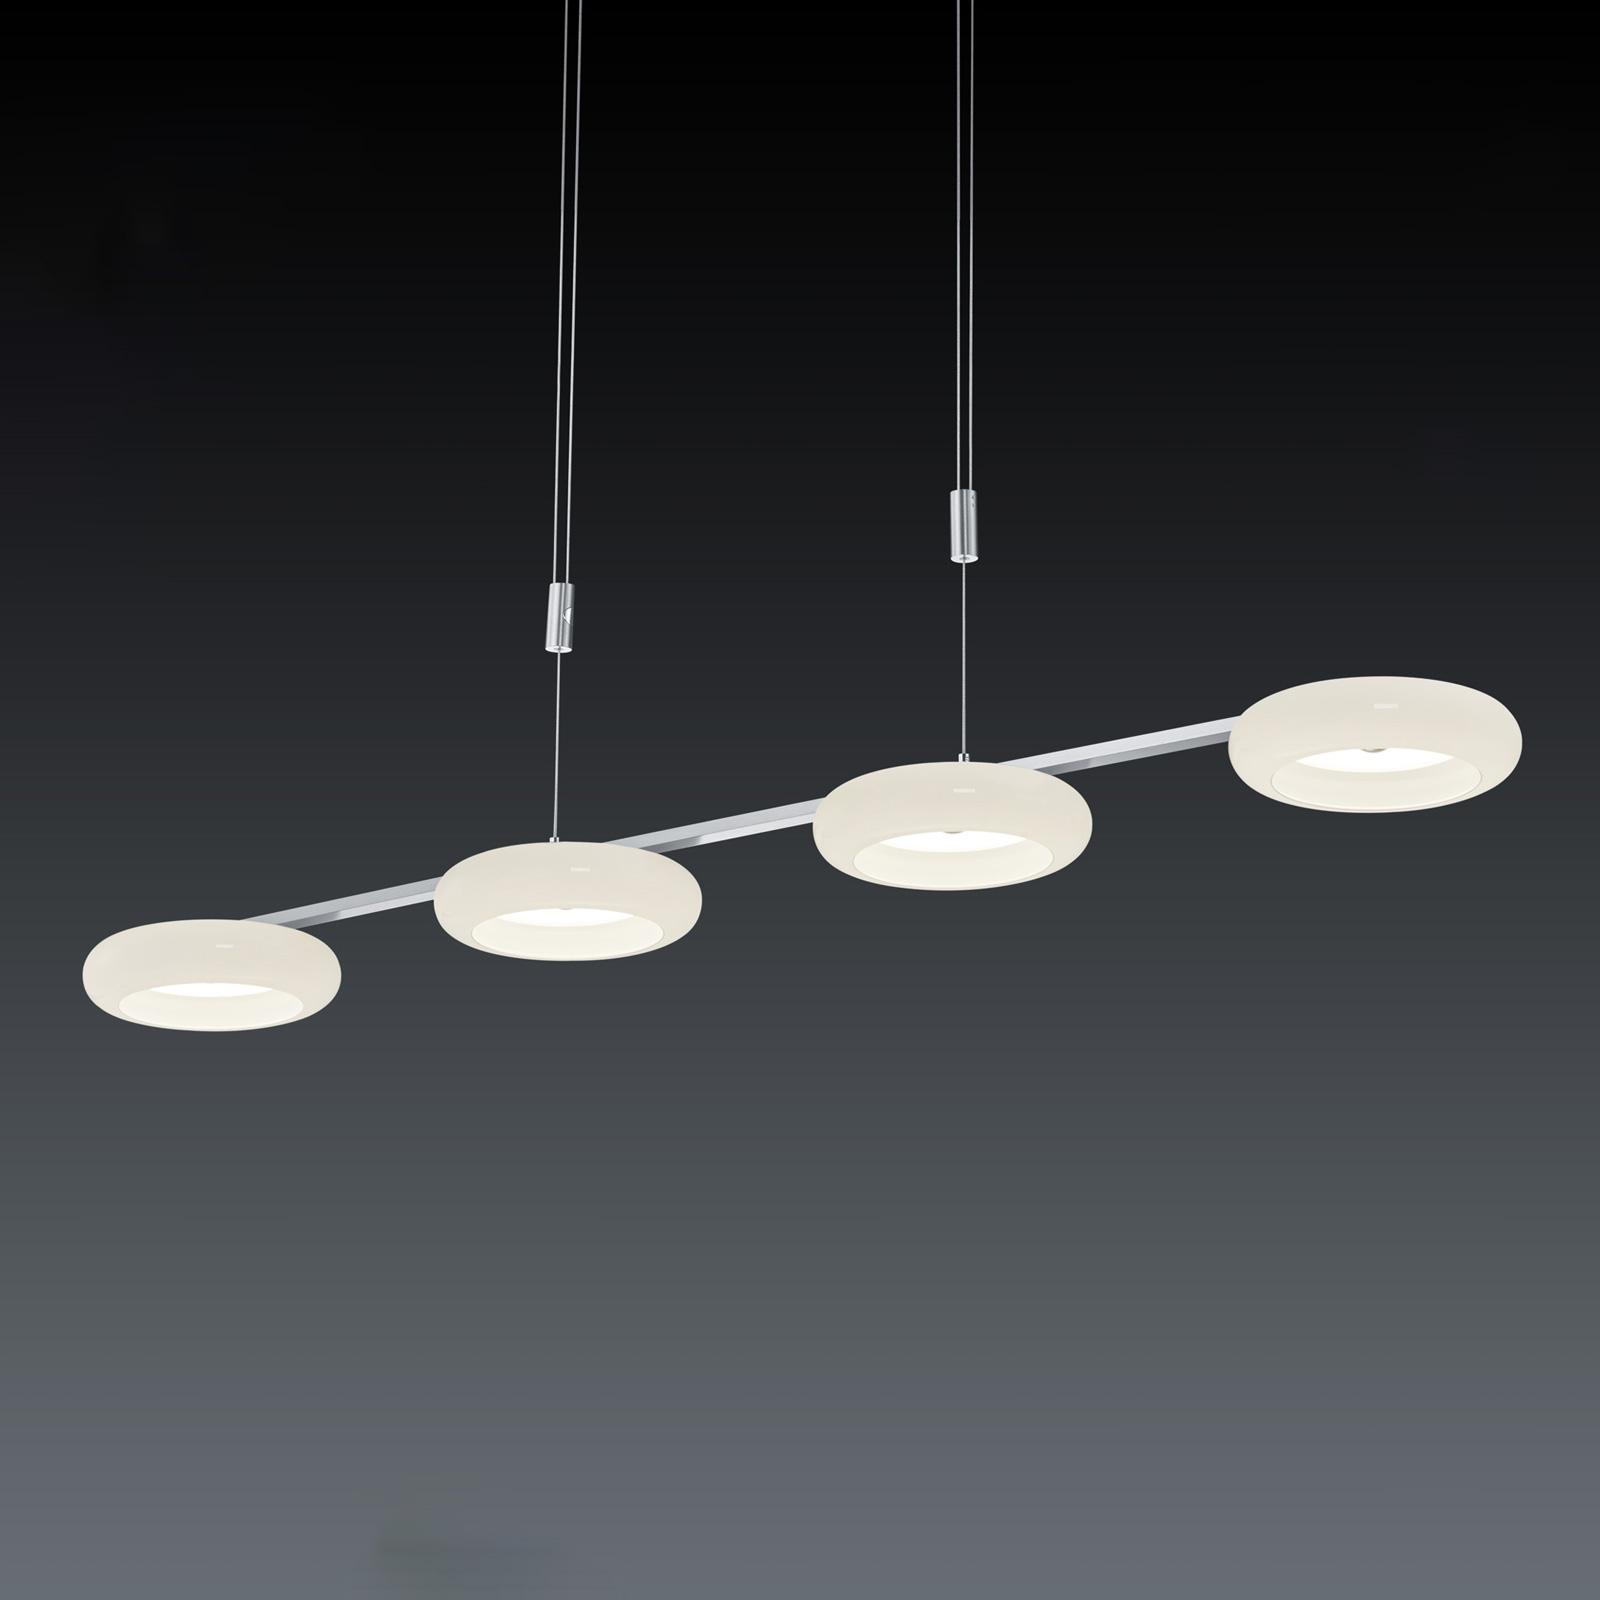 BANKAMP Centa riippuvalaisin 4-lamp. nikkeli